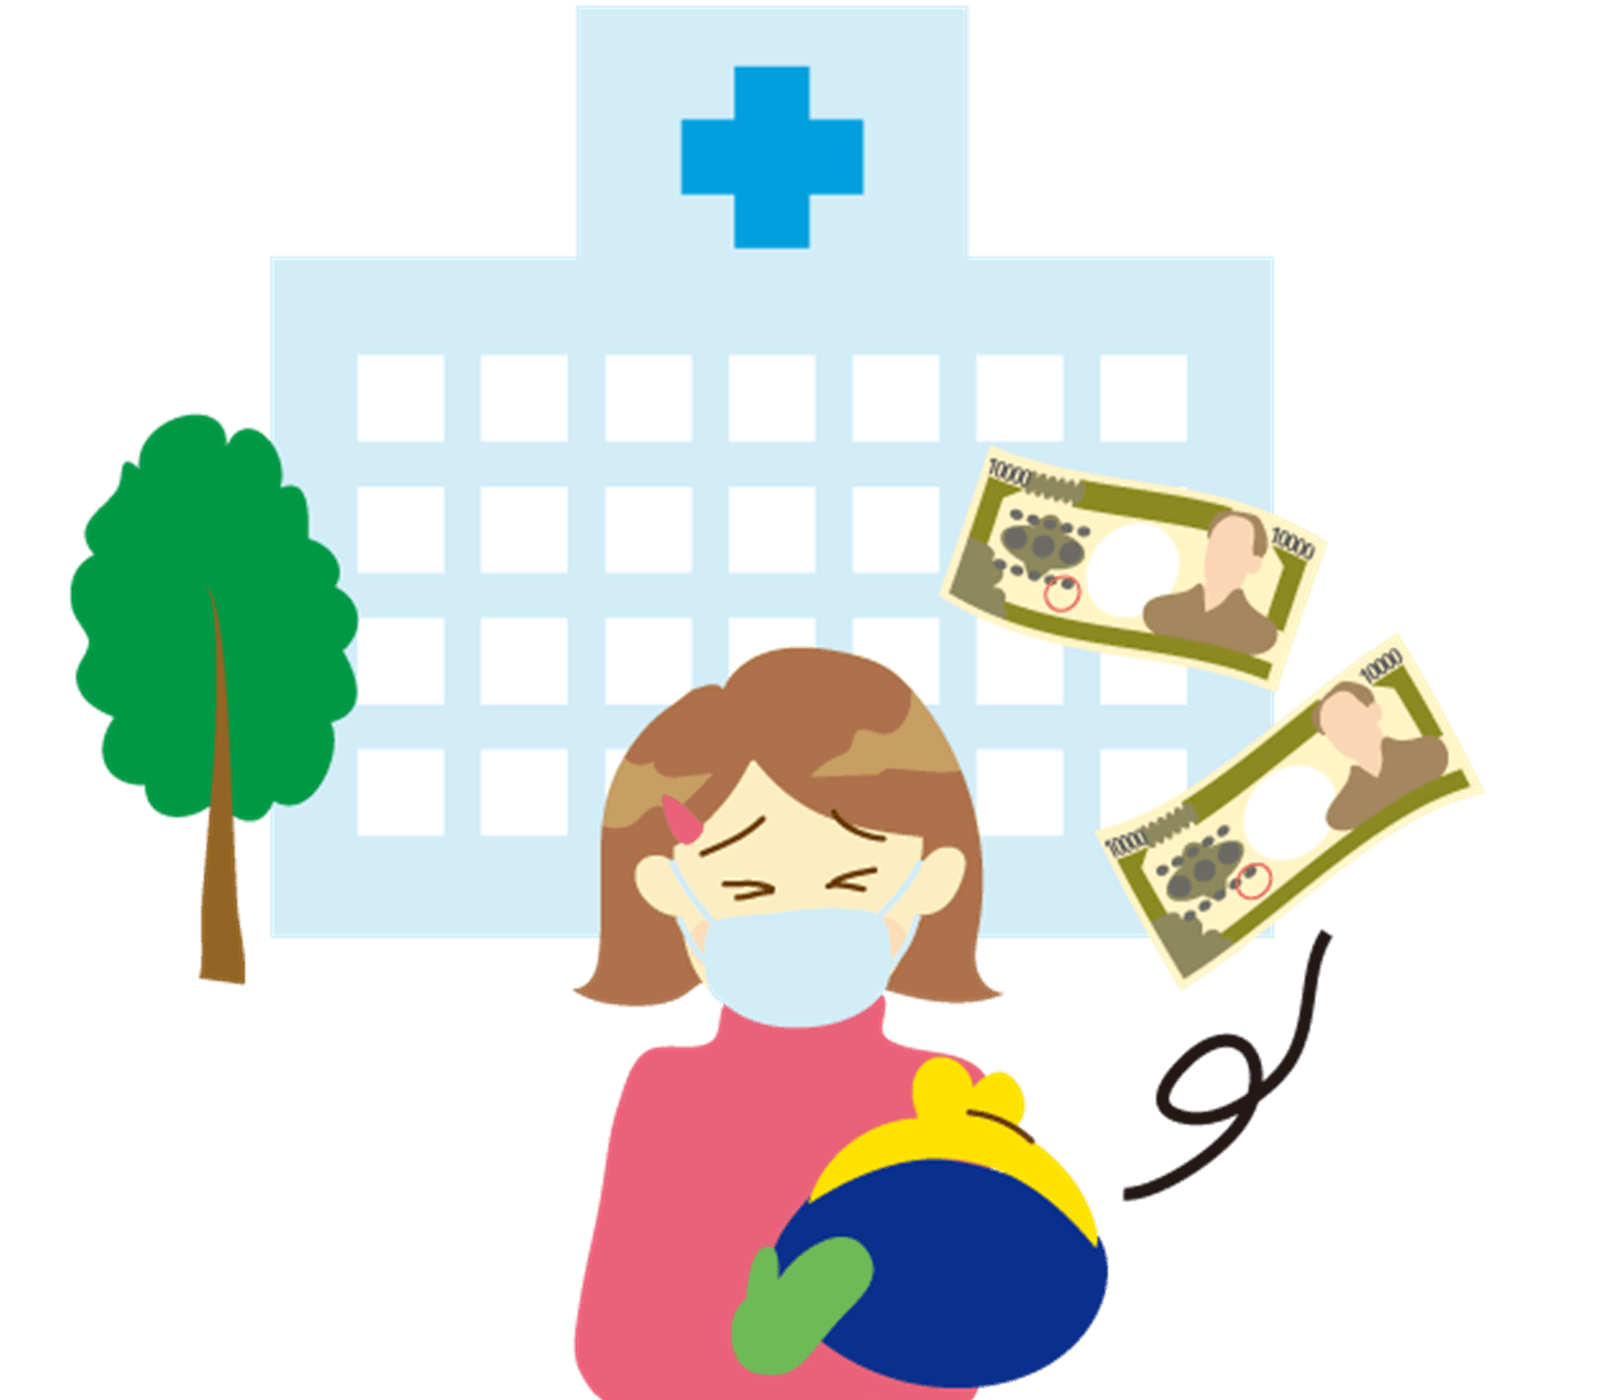 高額療養費制度